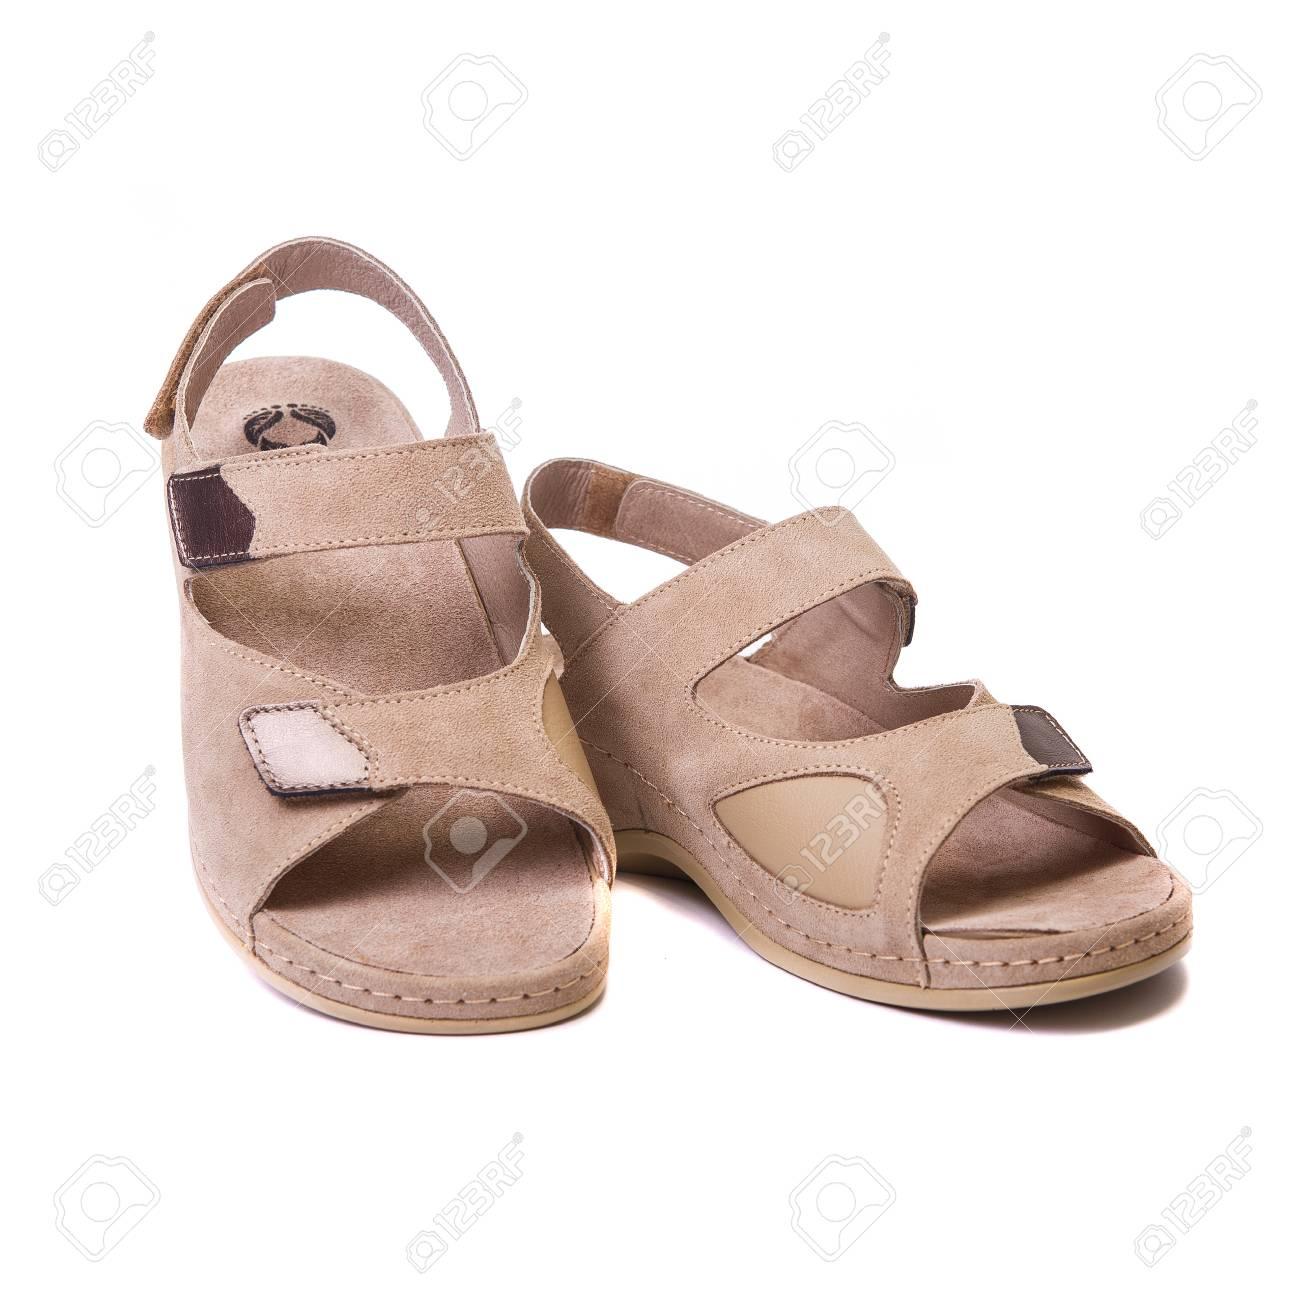 1414e576 Foto de archivo - Un par de zapatos ortopédicos para adultos. En el fondo  blanco aislado Primer plano de la vista frontal